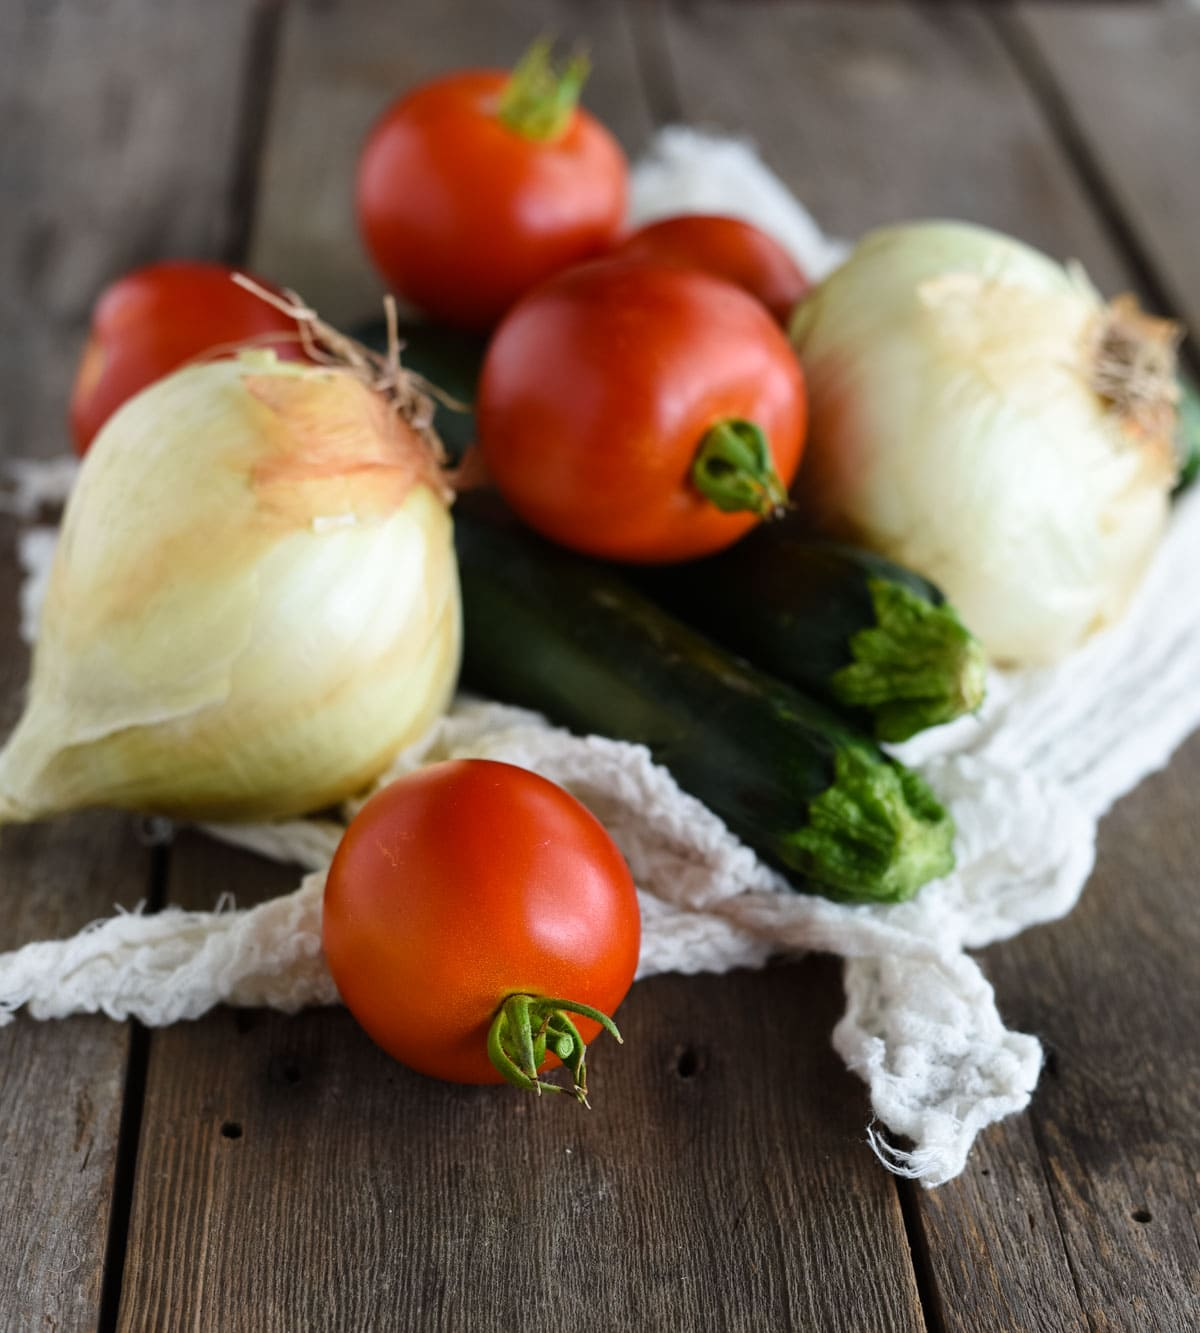 Tomato zucchini and onion